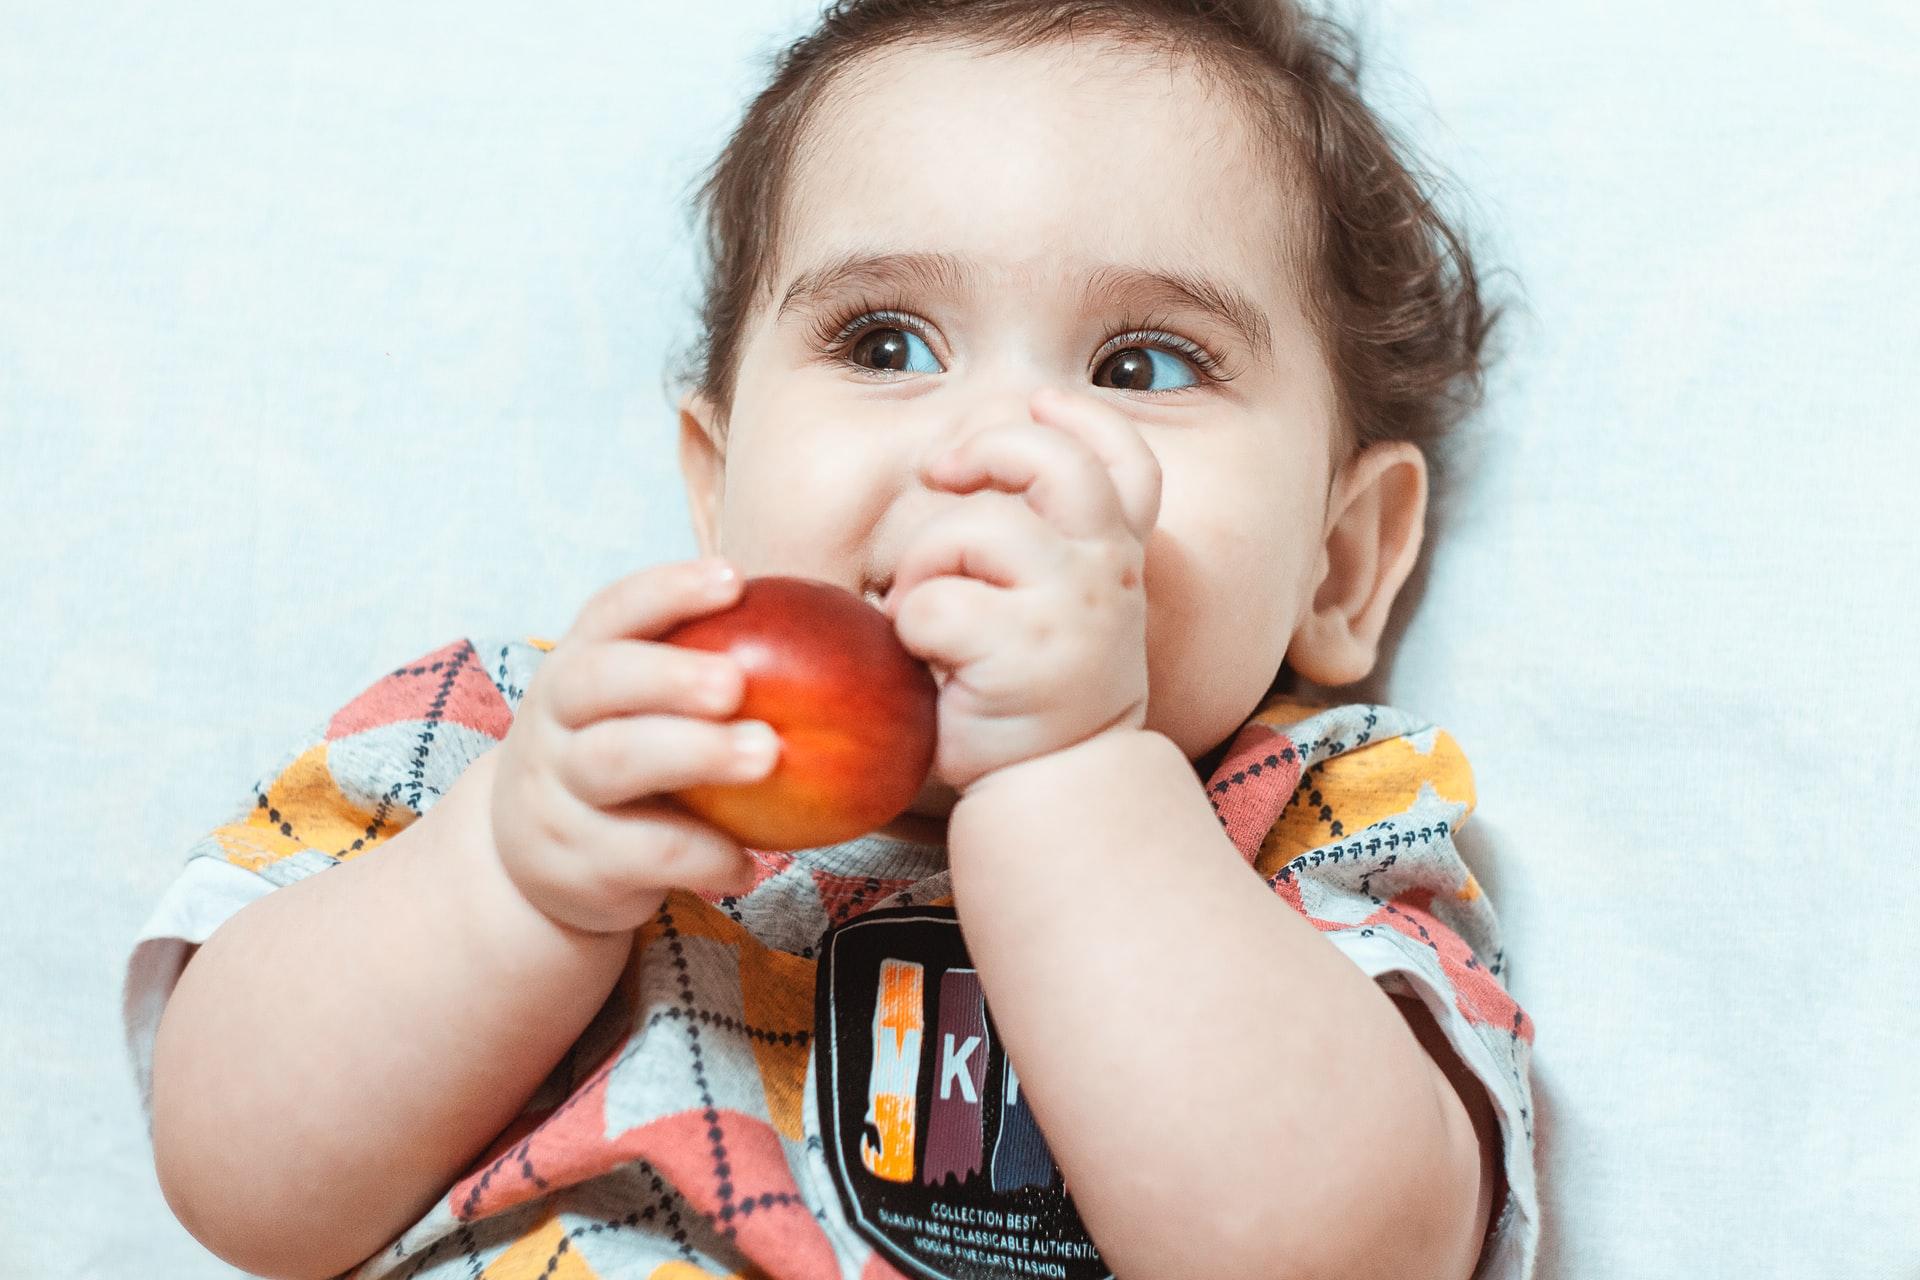 bayi memegang buah dengan tangannya